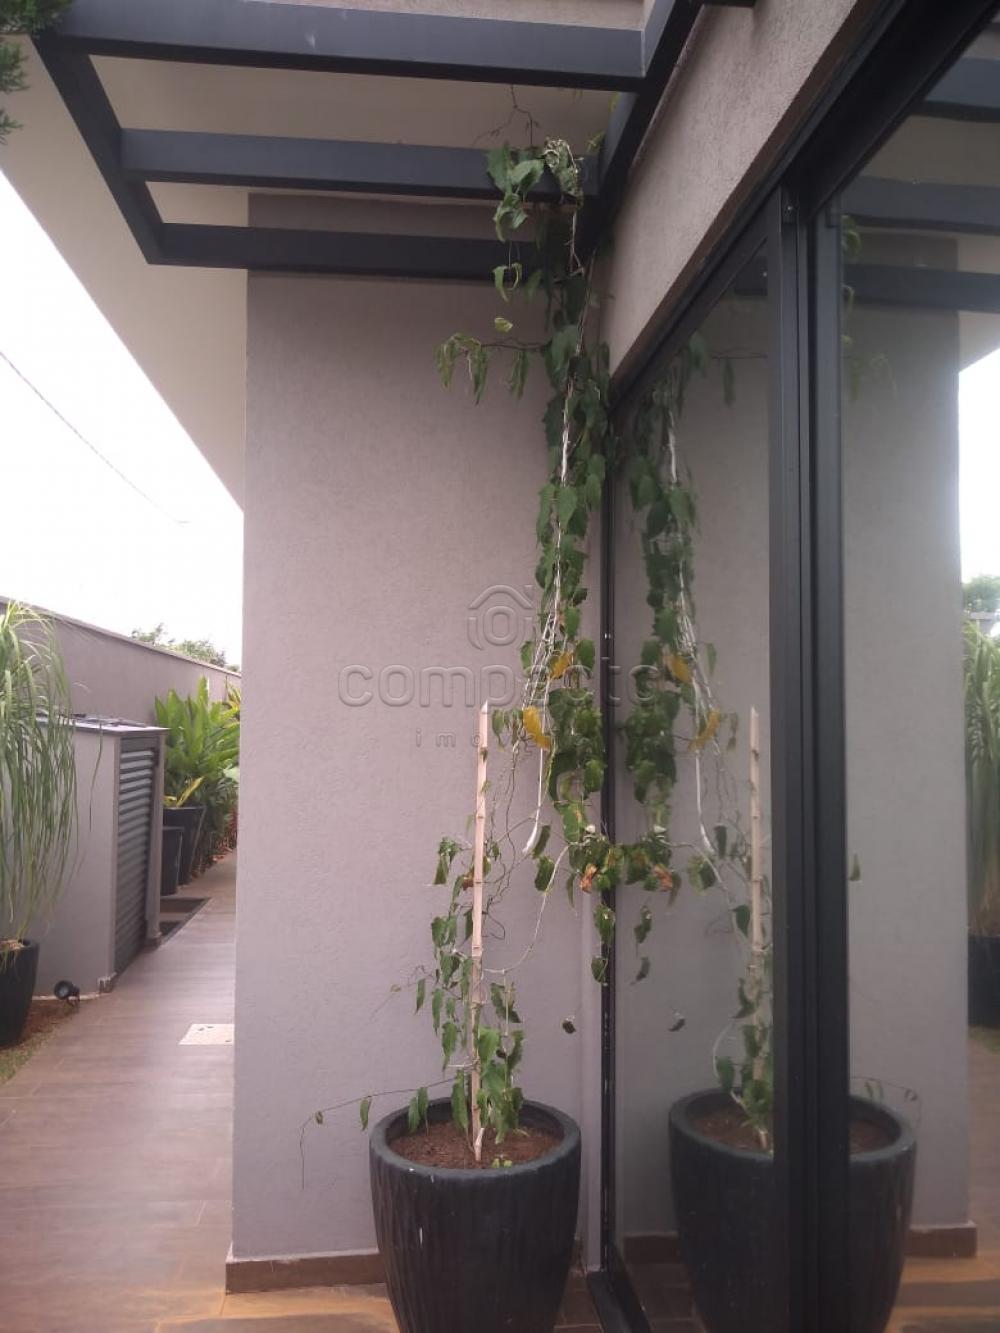 Comprar Casa / Condomínio em São José do Rio Preto apenas R$ 650.000,00 - Foto 26